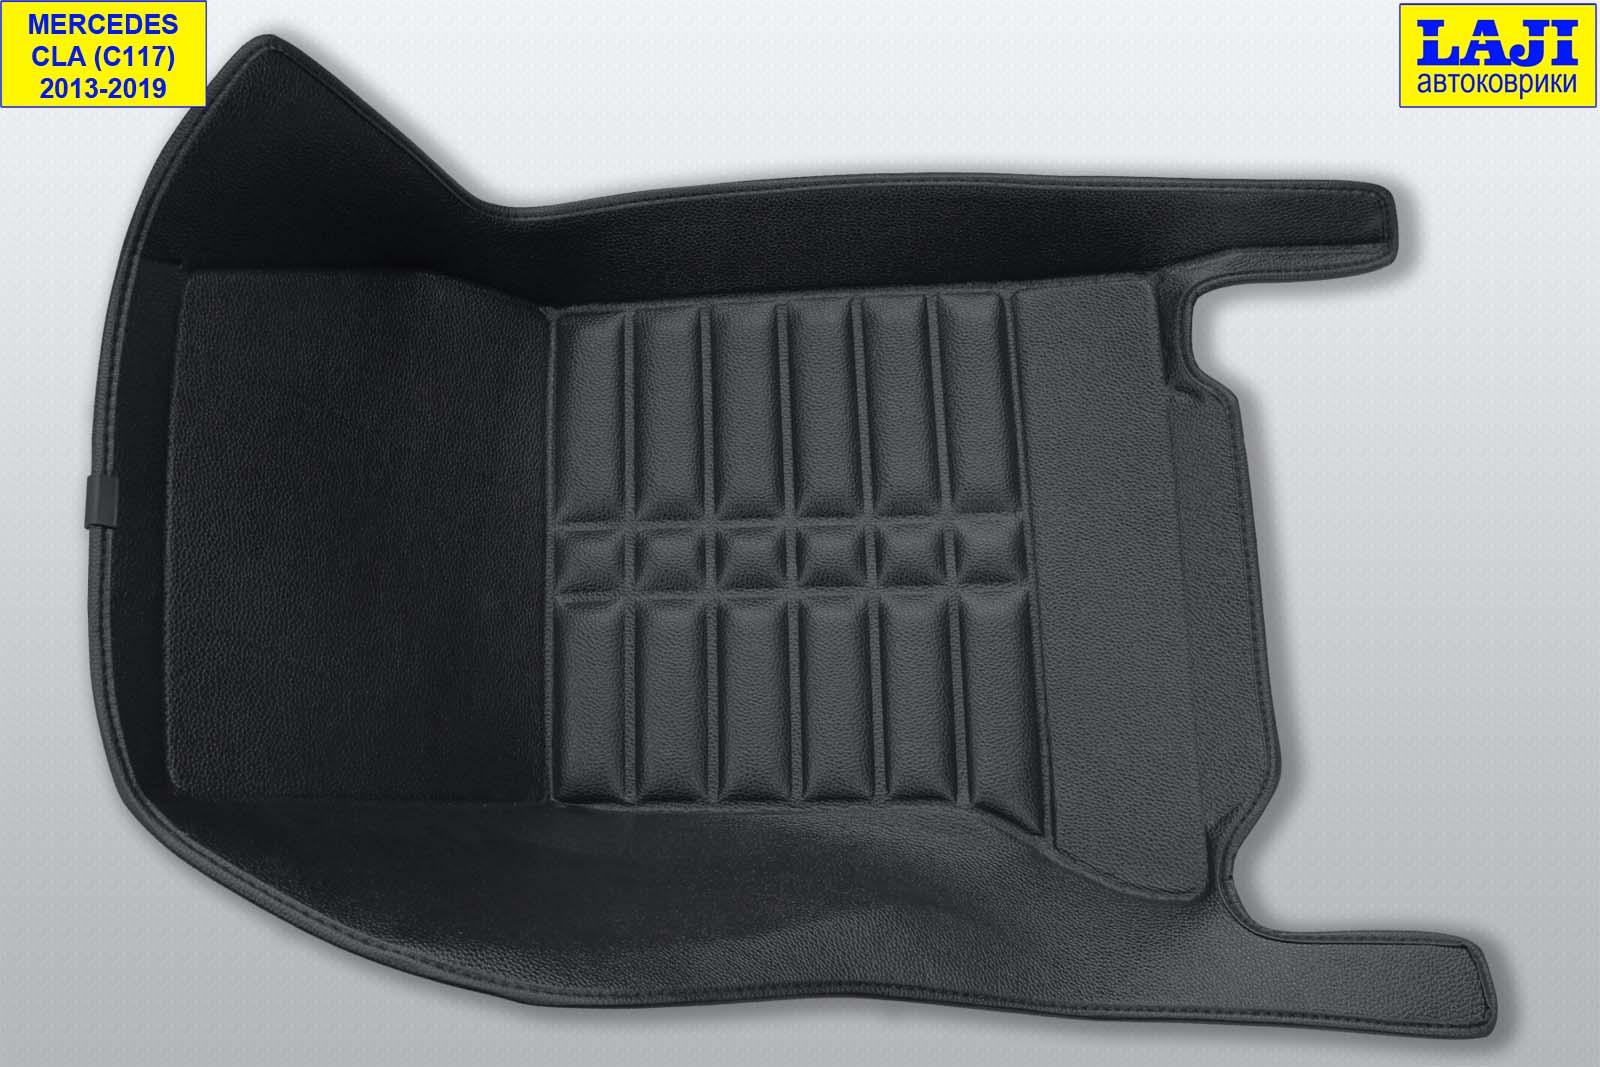 5D коврики в салон Mercedes CLA C117 2013-2019 5